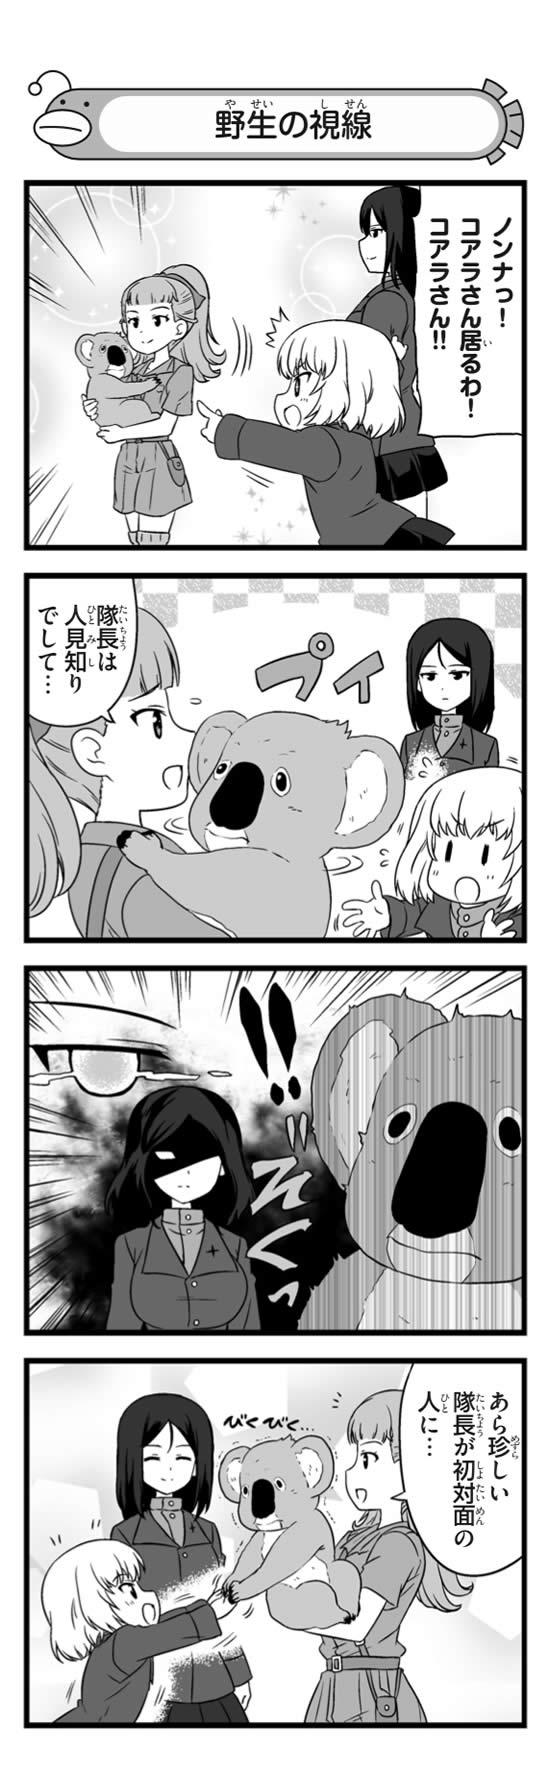 ガールズ&パンツァー 島田愛里寿 コアラ隊長 コアラの森学園 漫画02